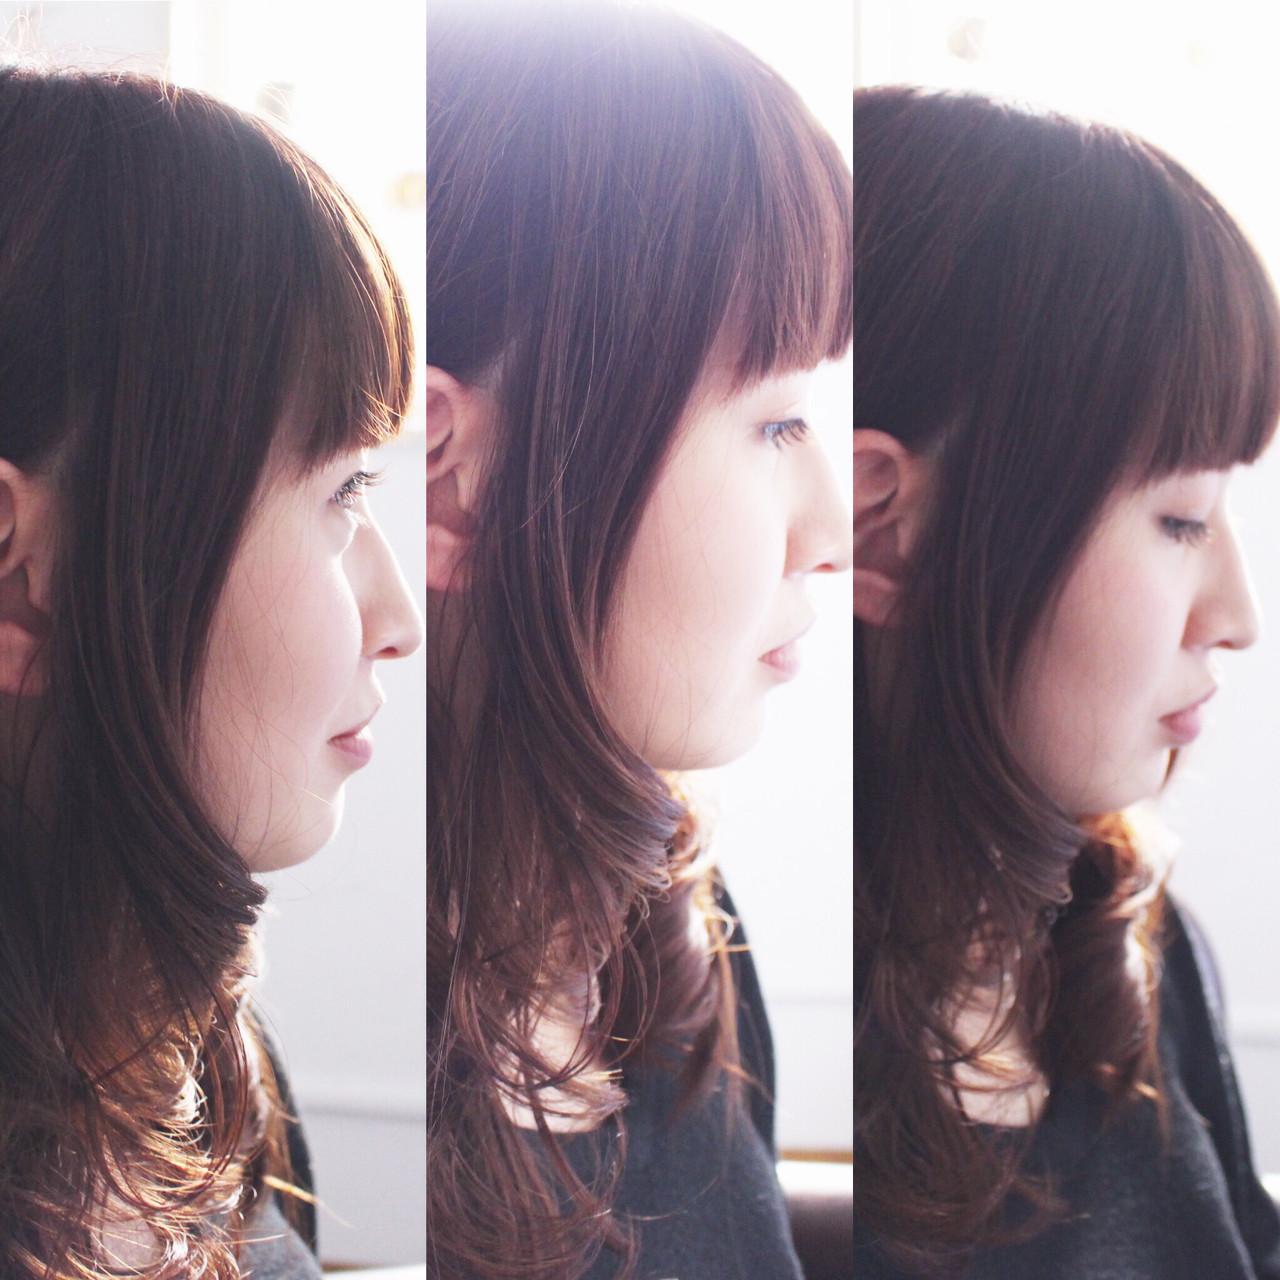 《暗めピンクグレージュ》甘モテpointをおさえた、きゅん髪へ♡の1枚目の画像